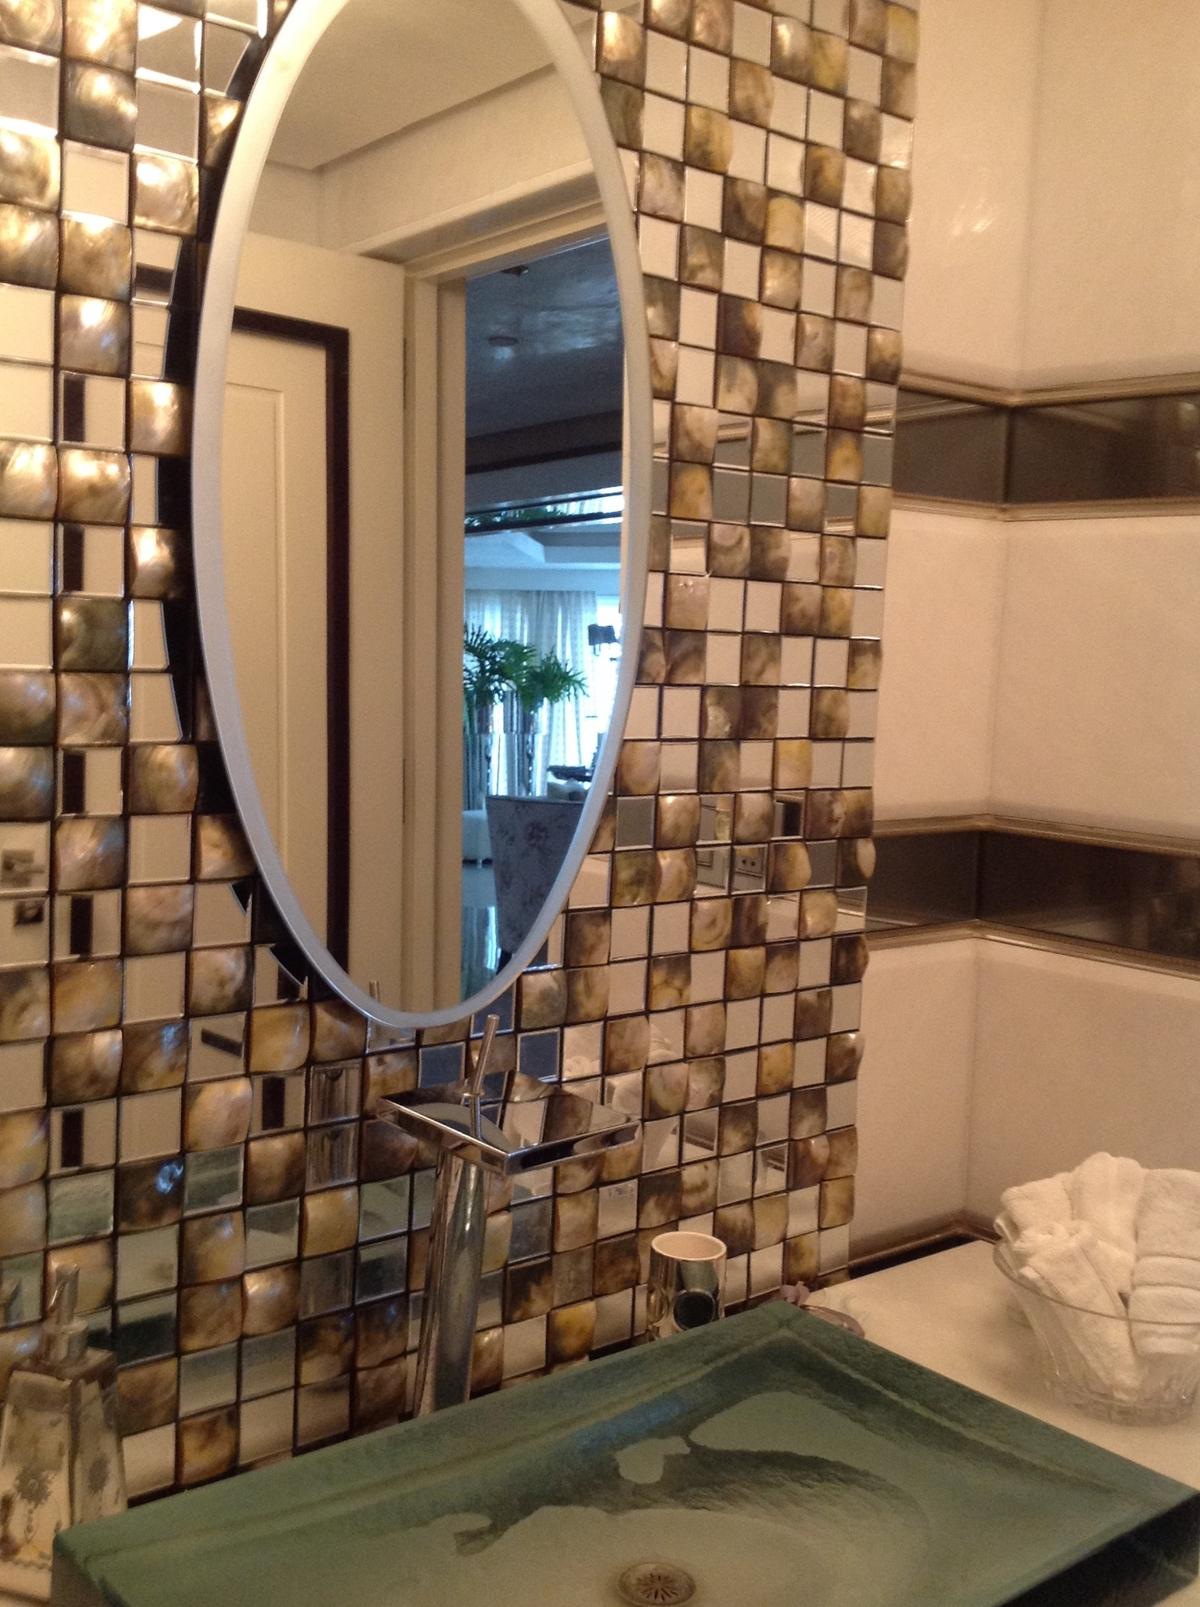 30 de 48: Detalle de baño